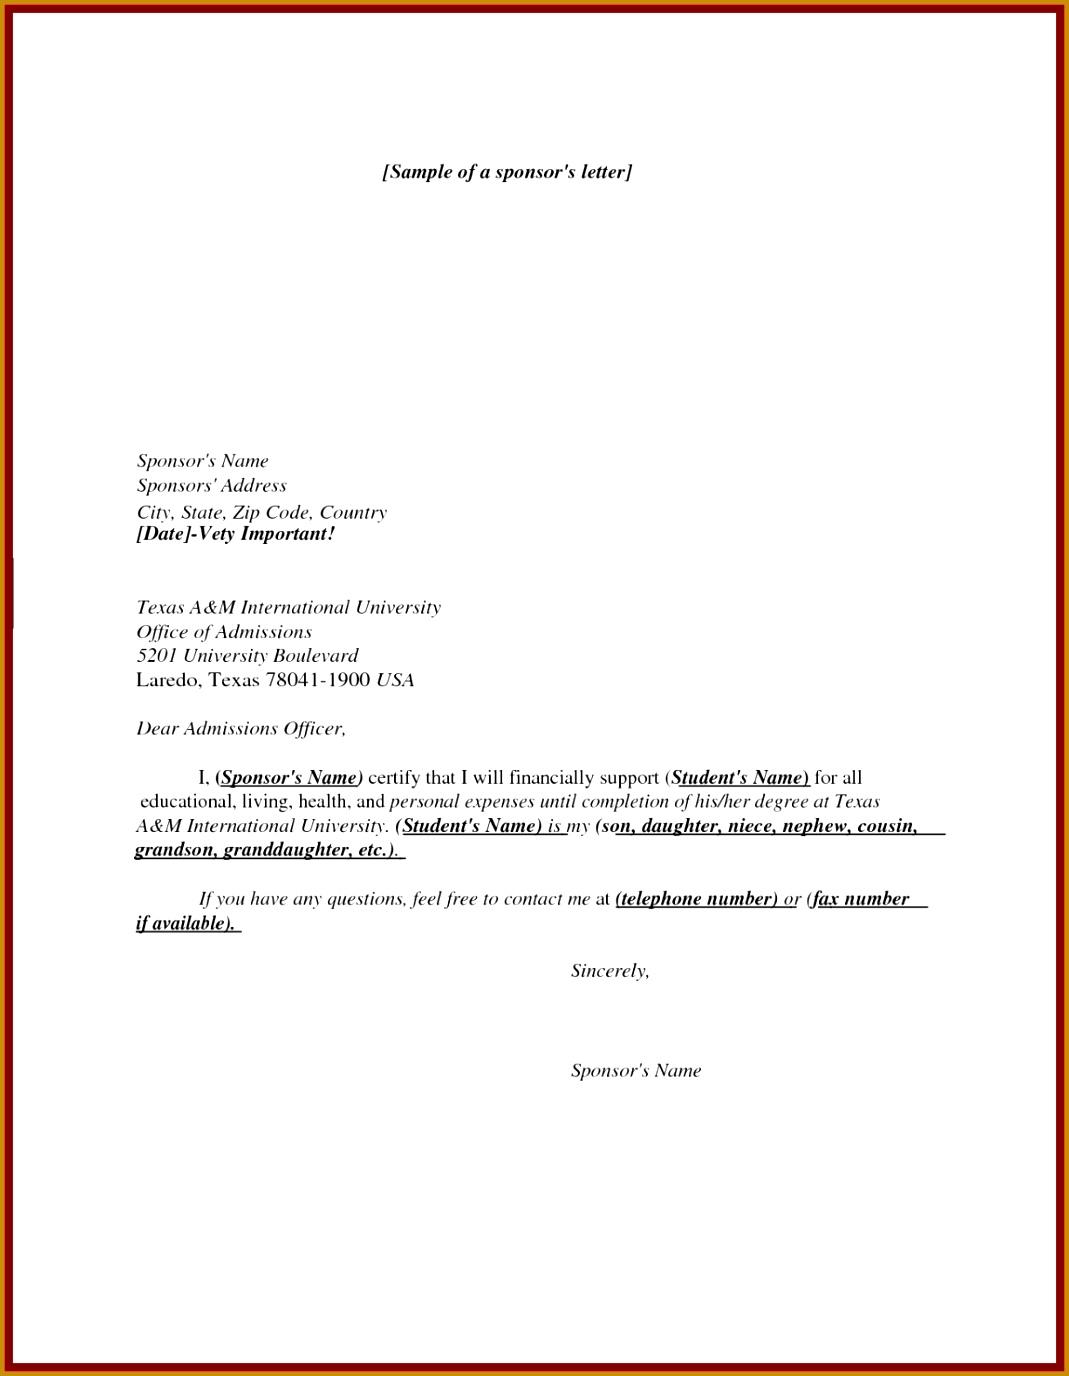 11 sponsor letter sample for student 13761069